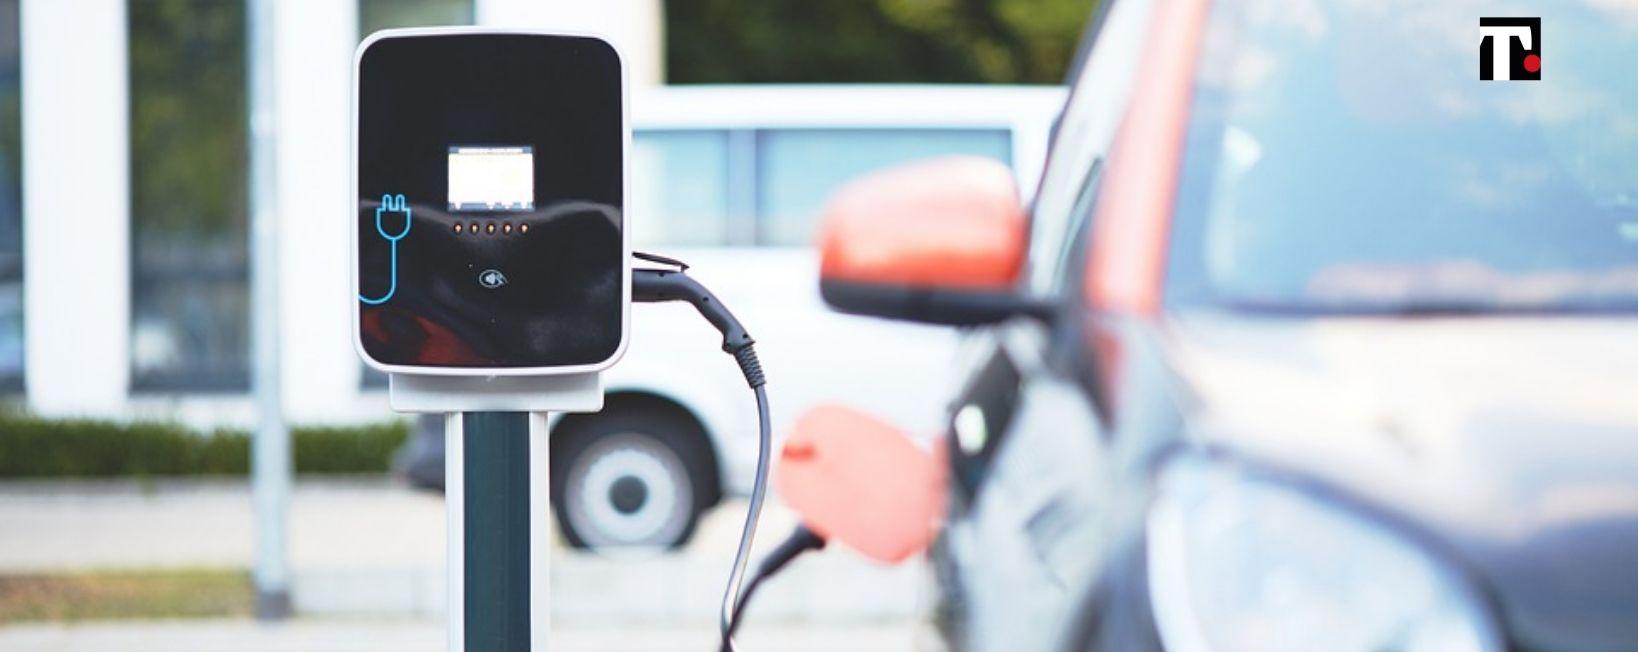 ecobonus auto elettriche come ottenerlo